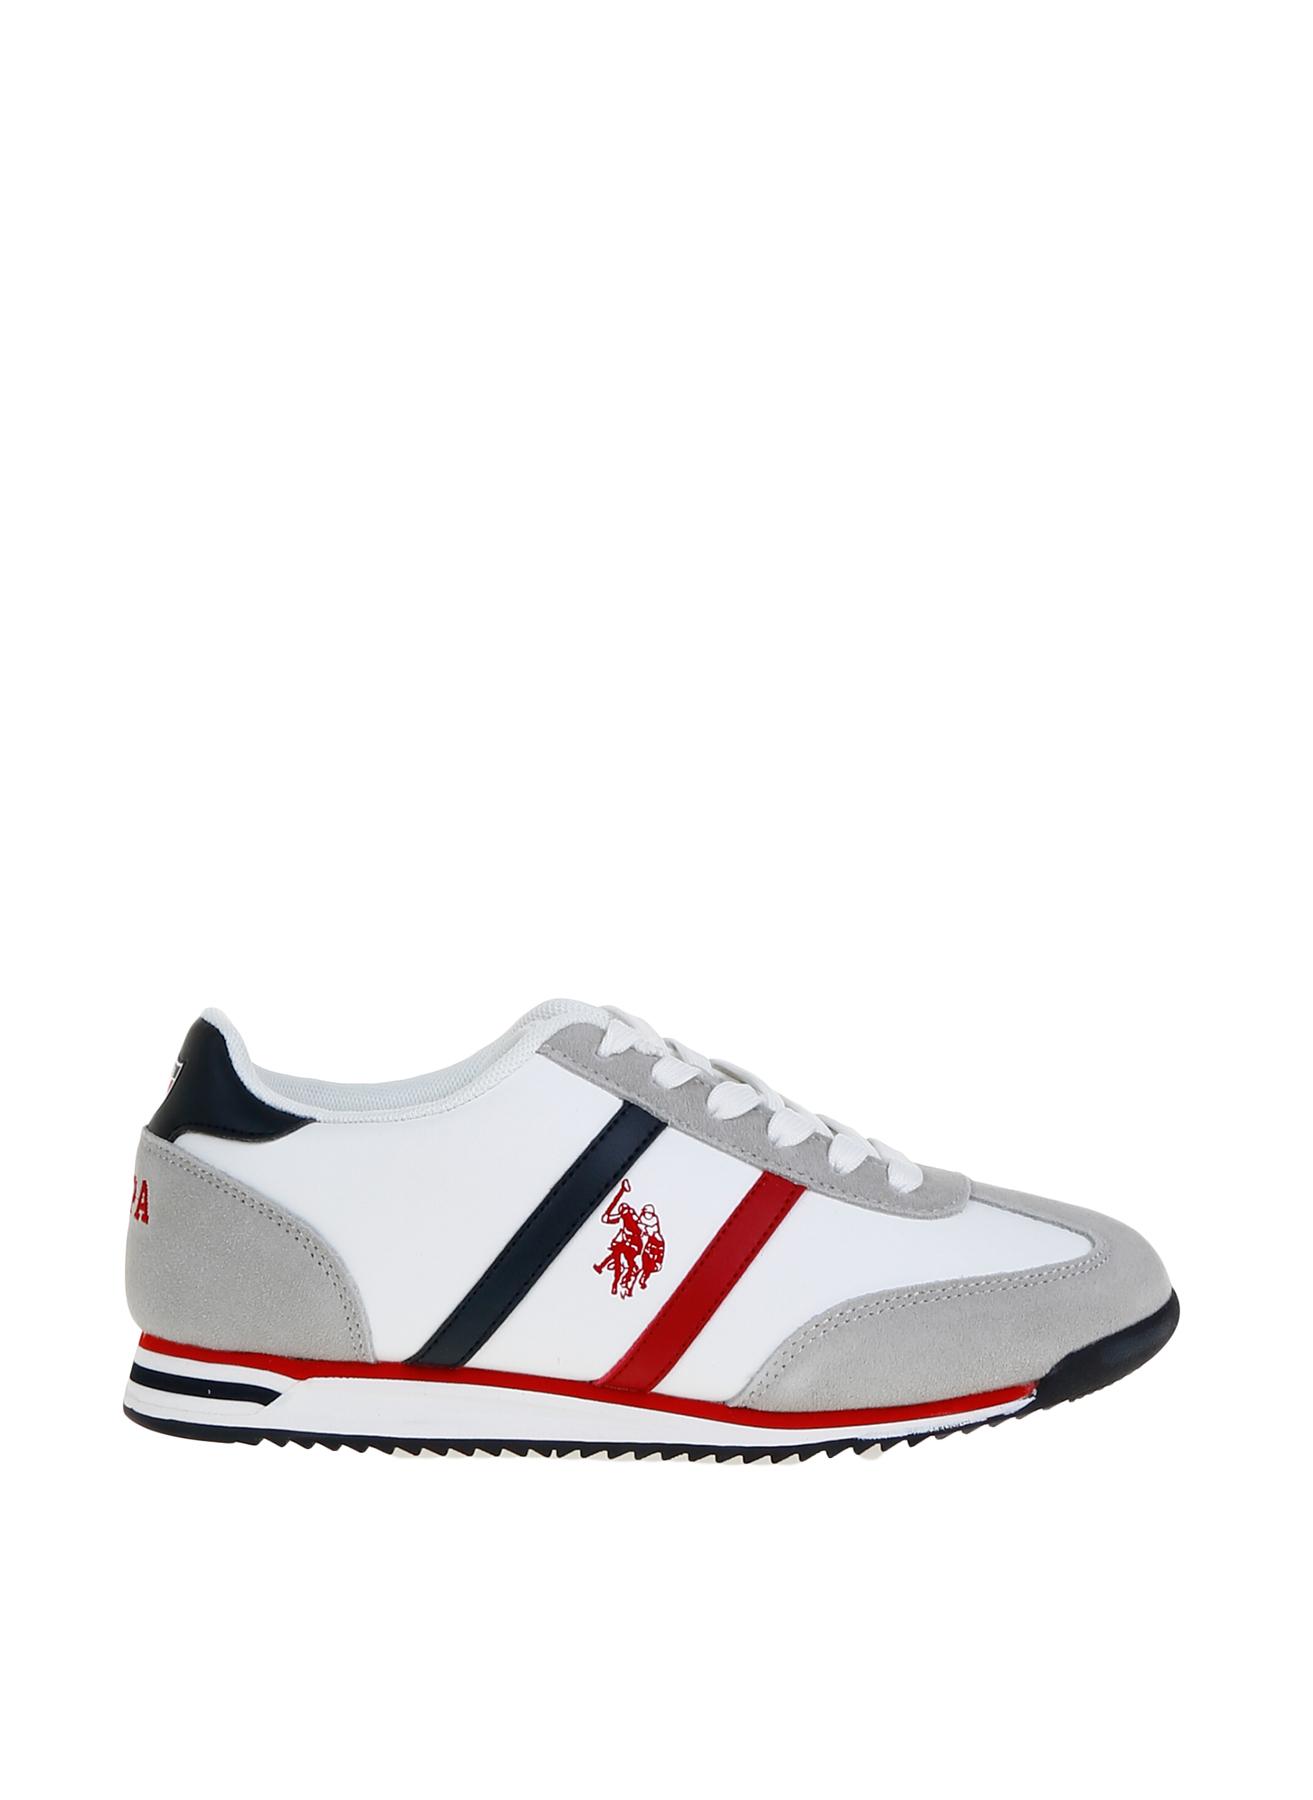 U.S. Polo Assn. Düz Ayakkabı 39 5001977218004 Ürün Resmi